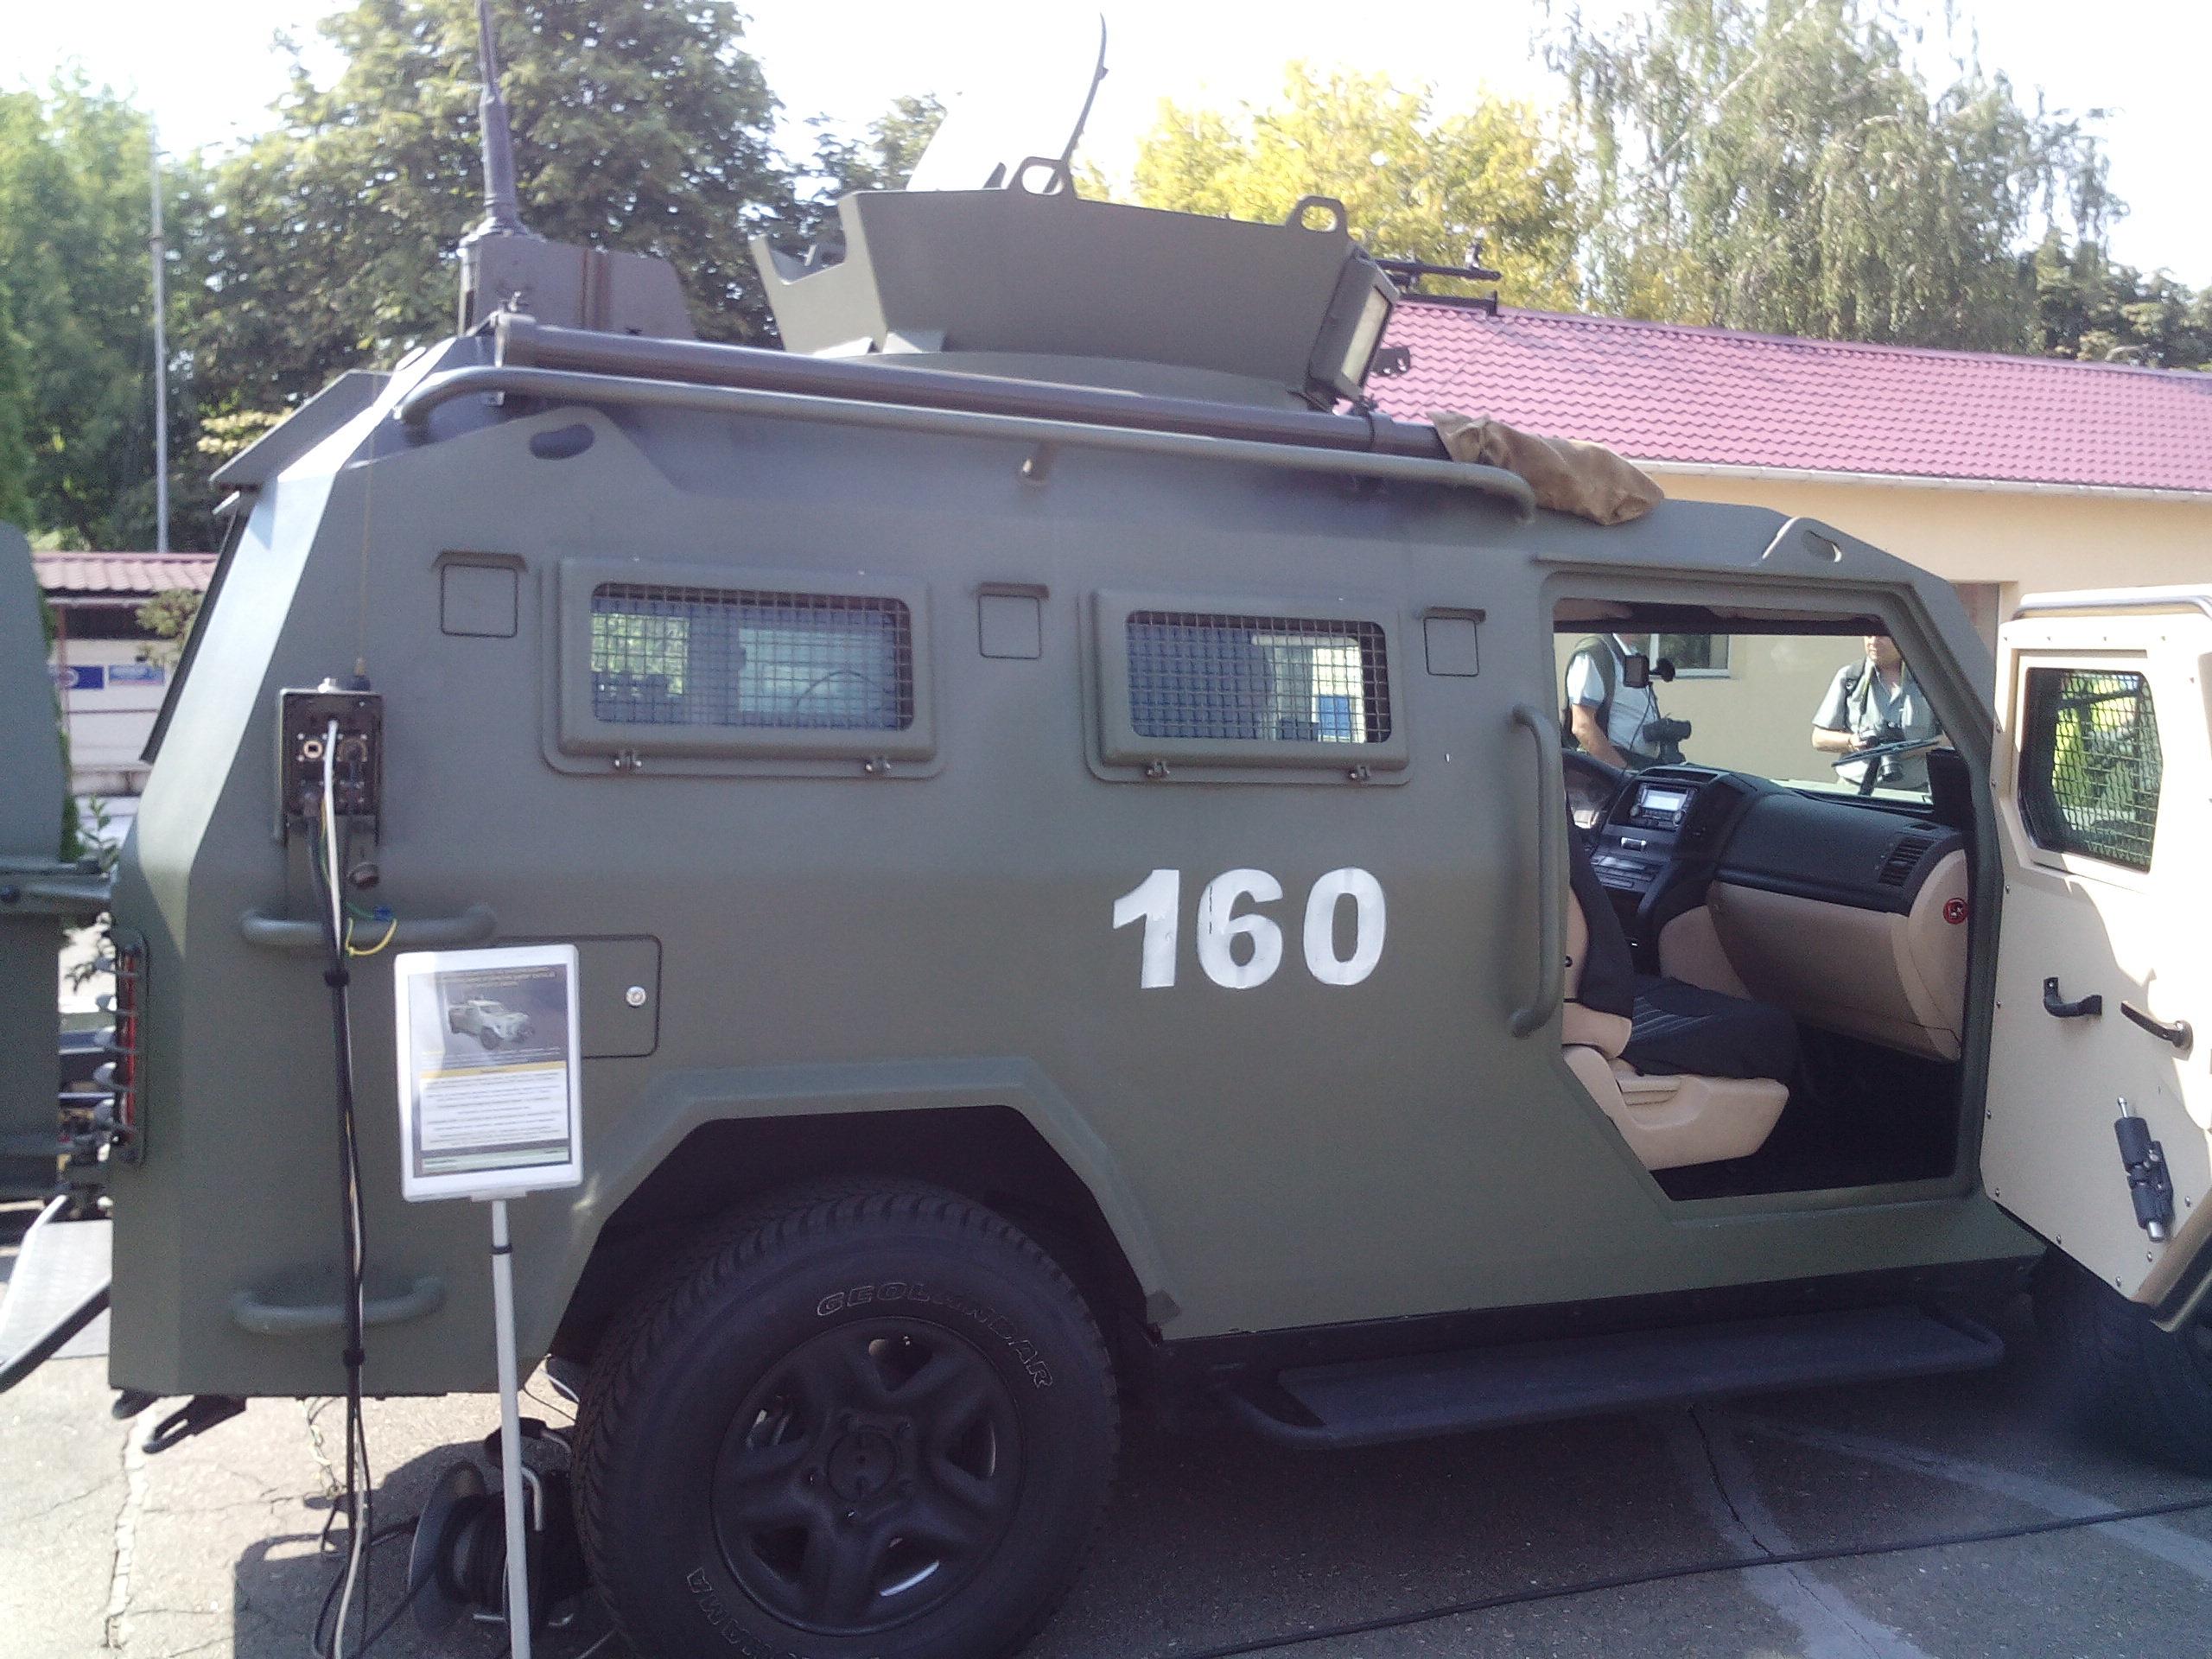 """Украинская армия сегодня - одна из сильнейших на континенте: """"ВСУ год назад и сейчас даже нельзя сравнивать"""", - Муженко - Цензор.НЕТ 1306"""